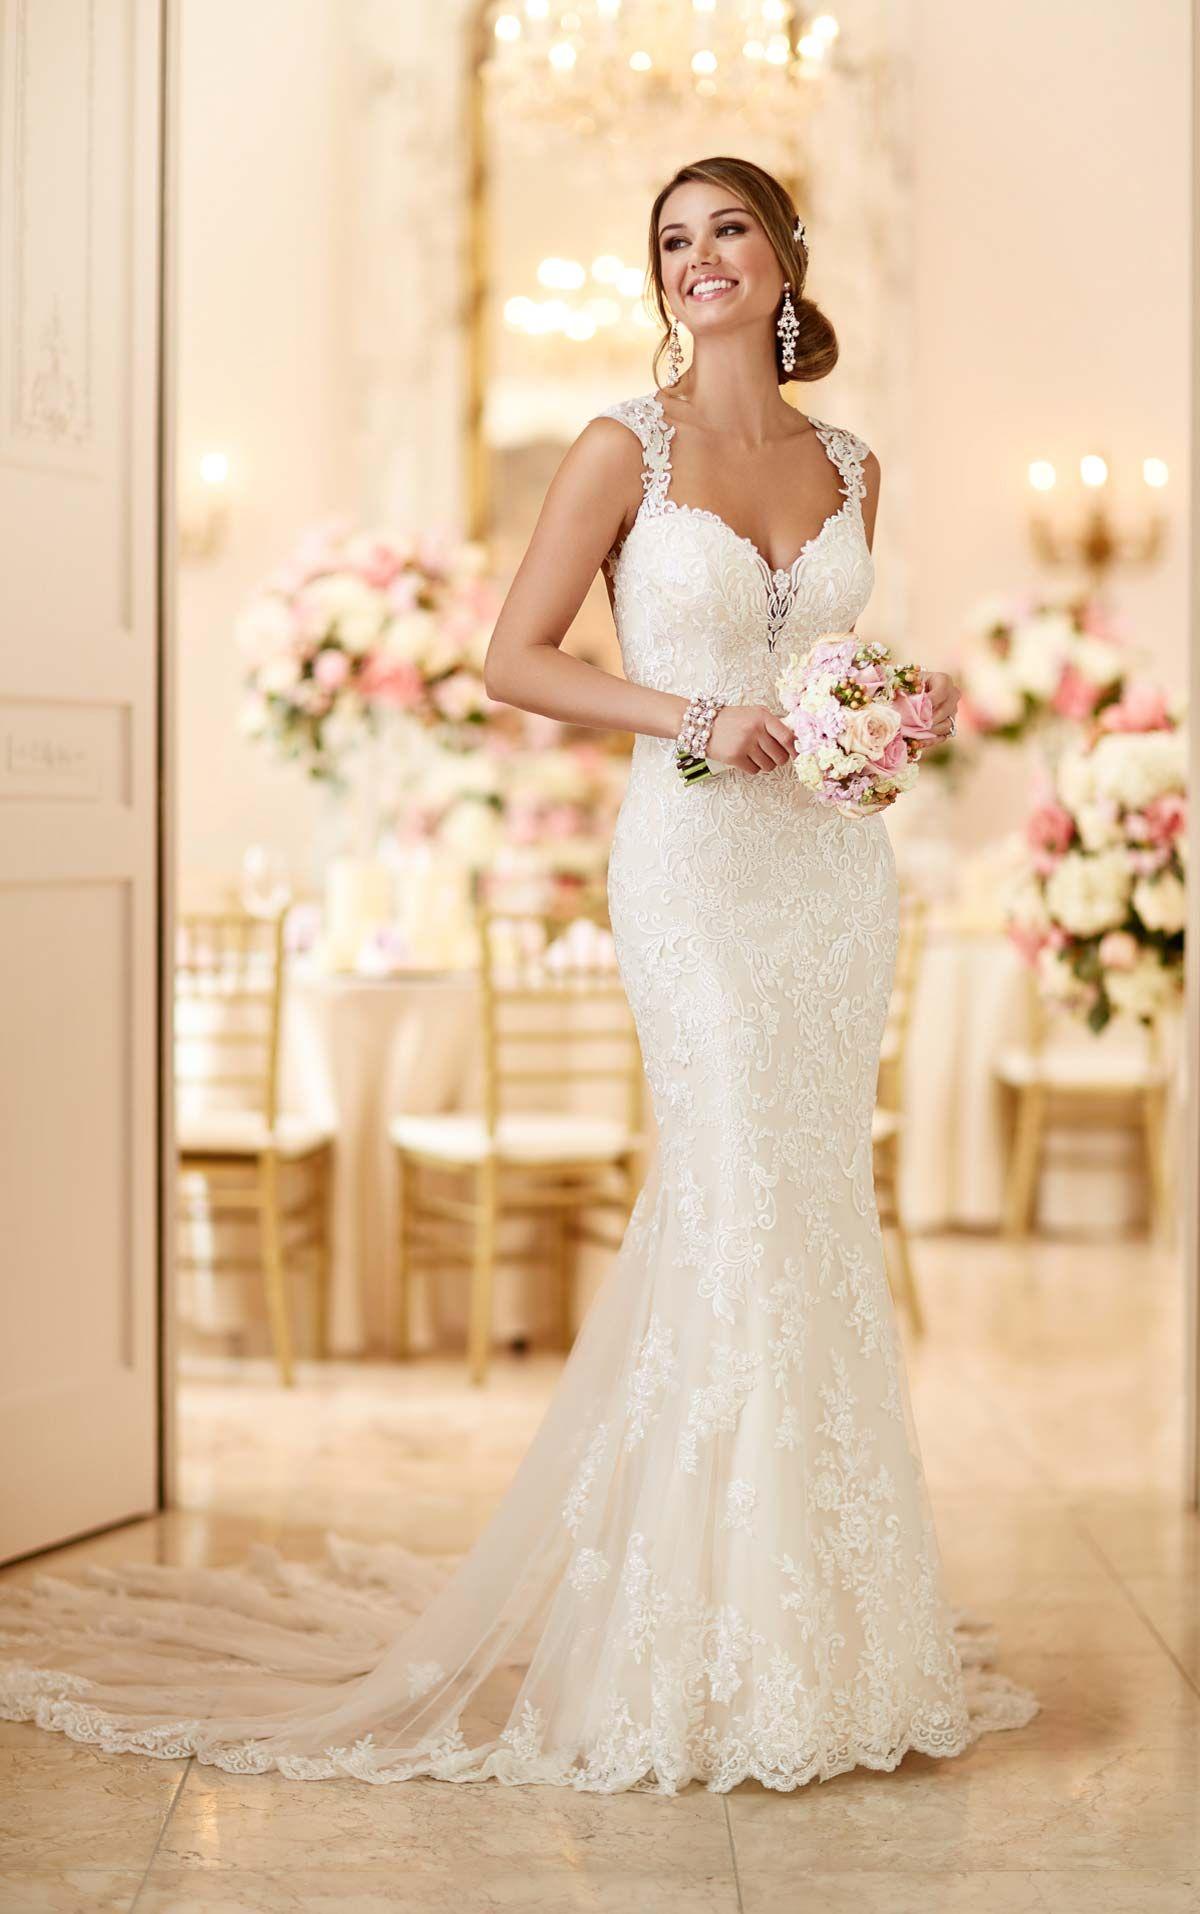 Romantic Lace Wedding Dress | Romantische spitze, Trompete und Glanz